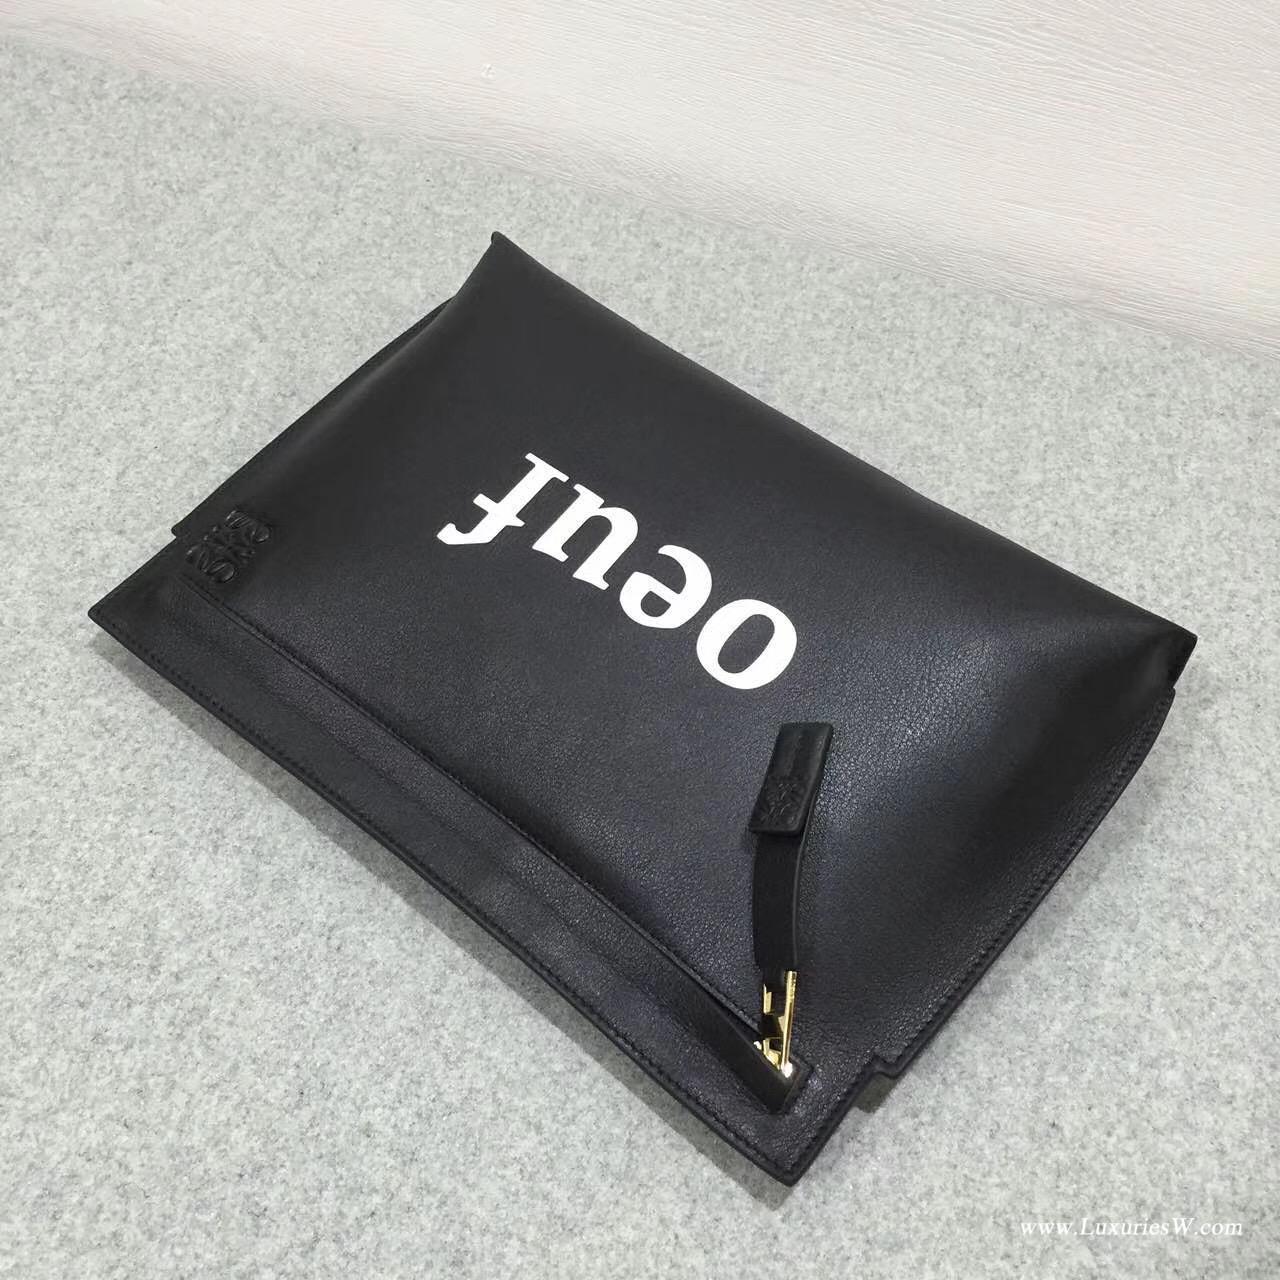 羅意威女包 Loewe T Pouch oeuf 系列手拿包 采用柔軟黑色 小牛皮